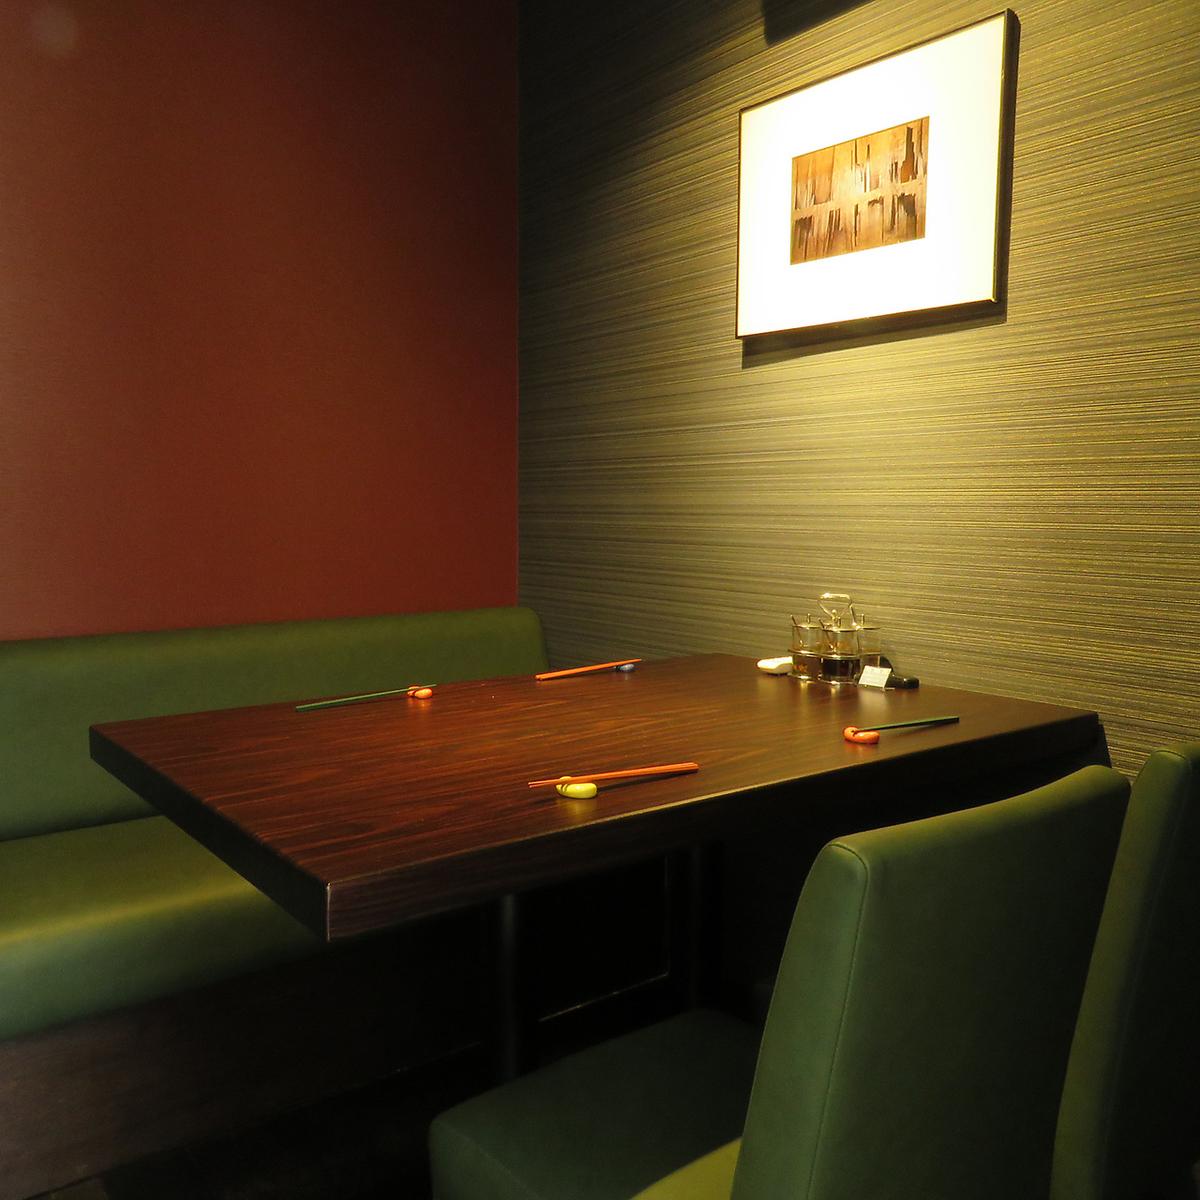 다양한 장면에 대응 한 개인 실을 준비.침착성이있는 공간에서 본격 태국 요리를 즐길 수 있습니다.런치 타임은 예약 필요 해요.